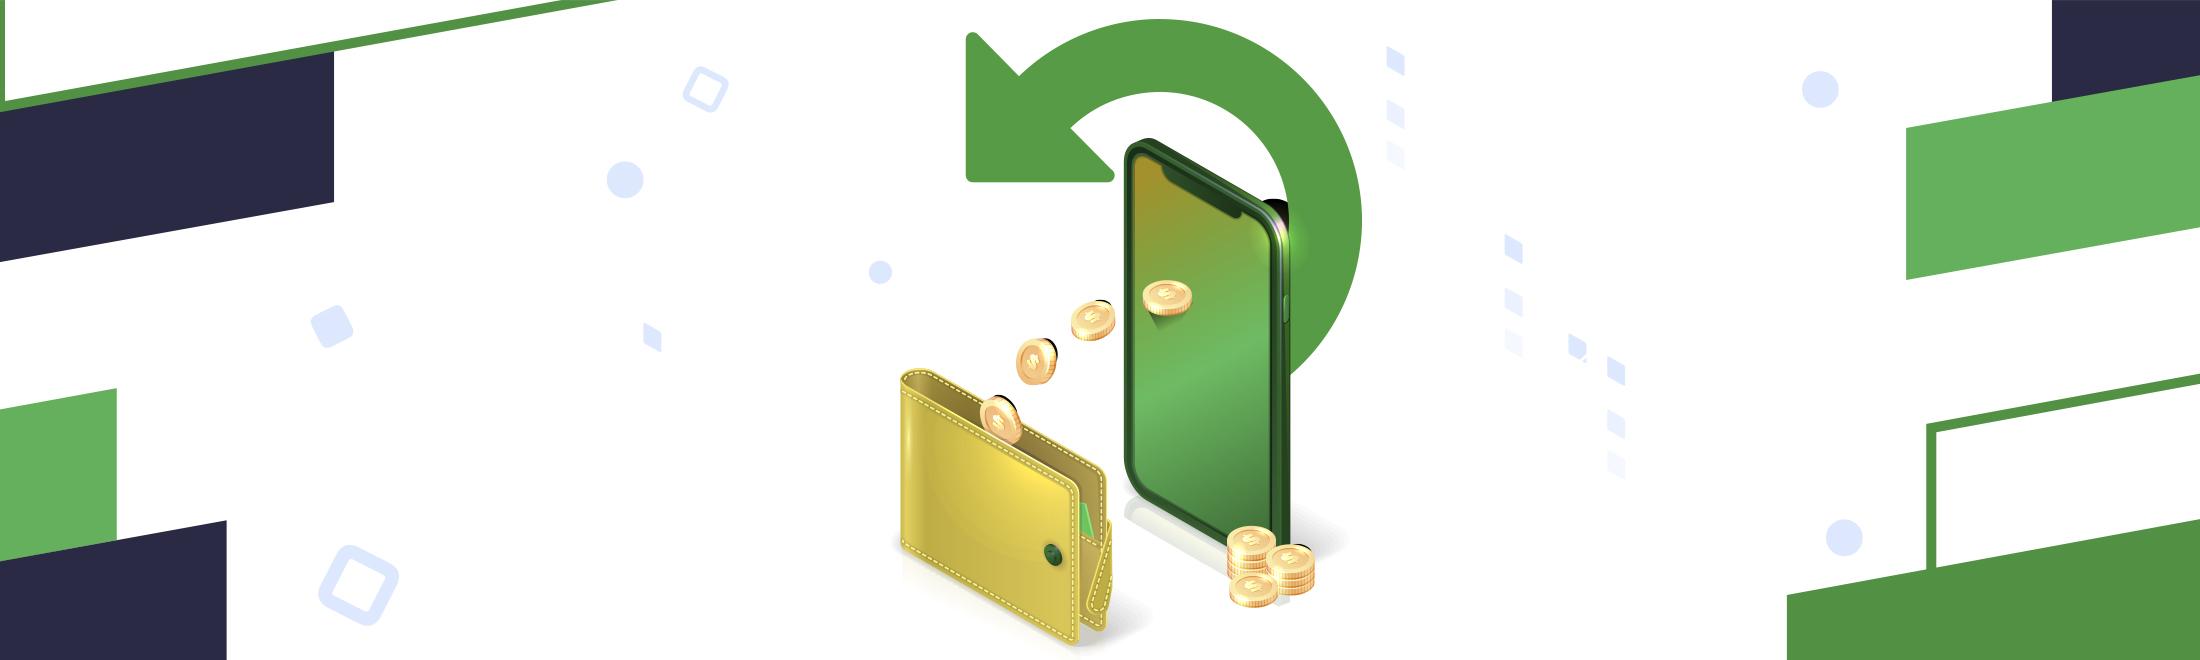 Что такое чарджбэк или как оспорить платежную операцию по банковской карте